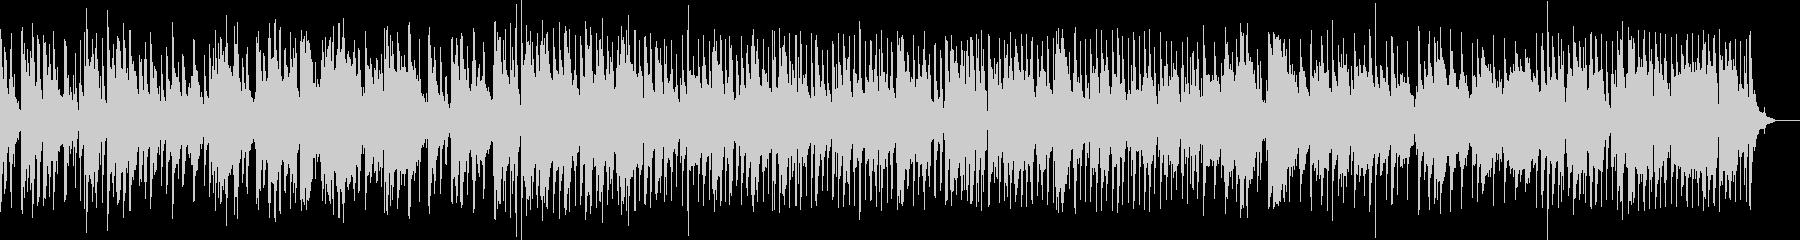 おしゃれに奏でるジャズ・バラードの未再生の波形